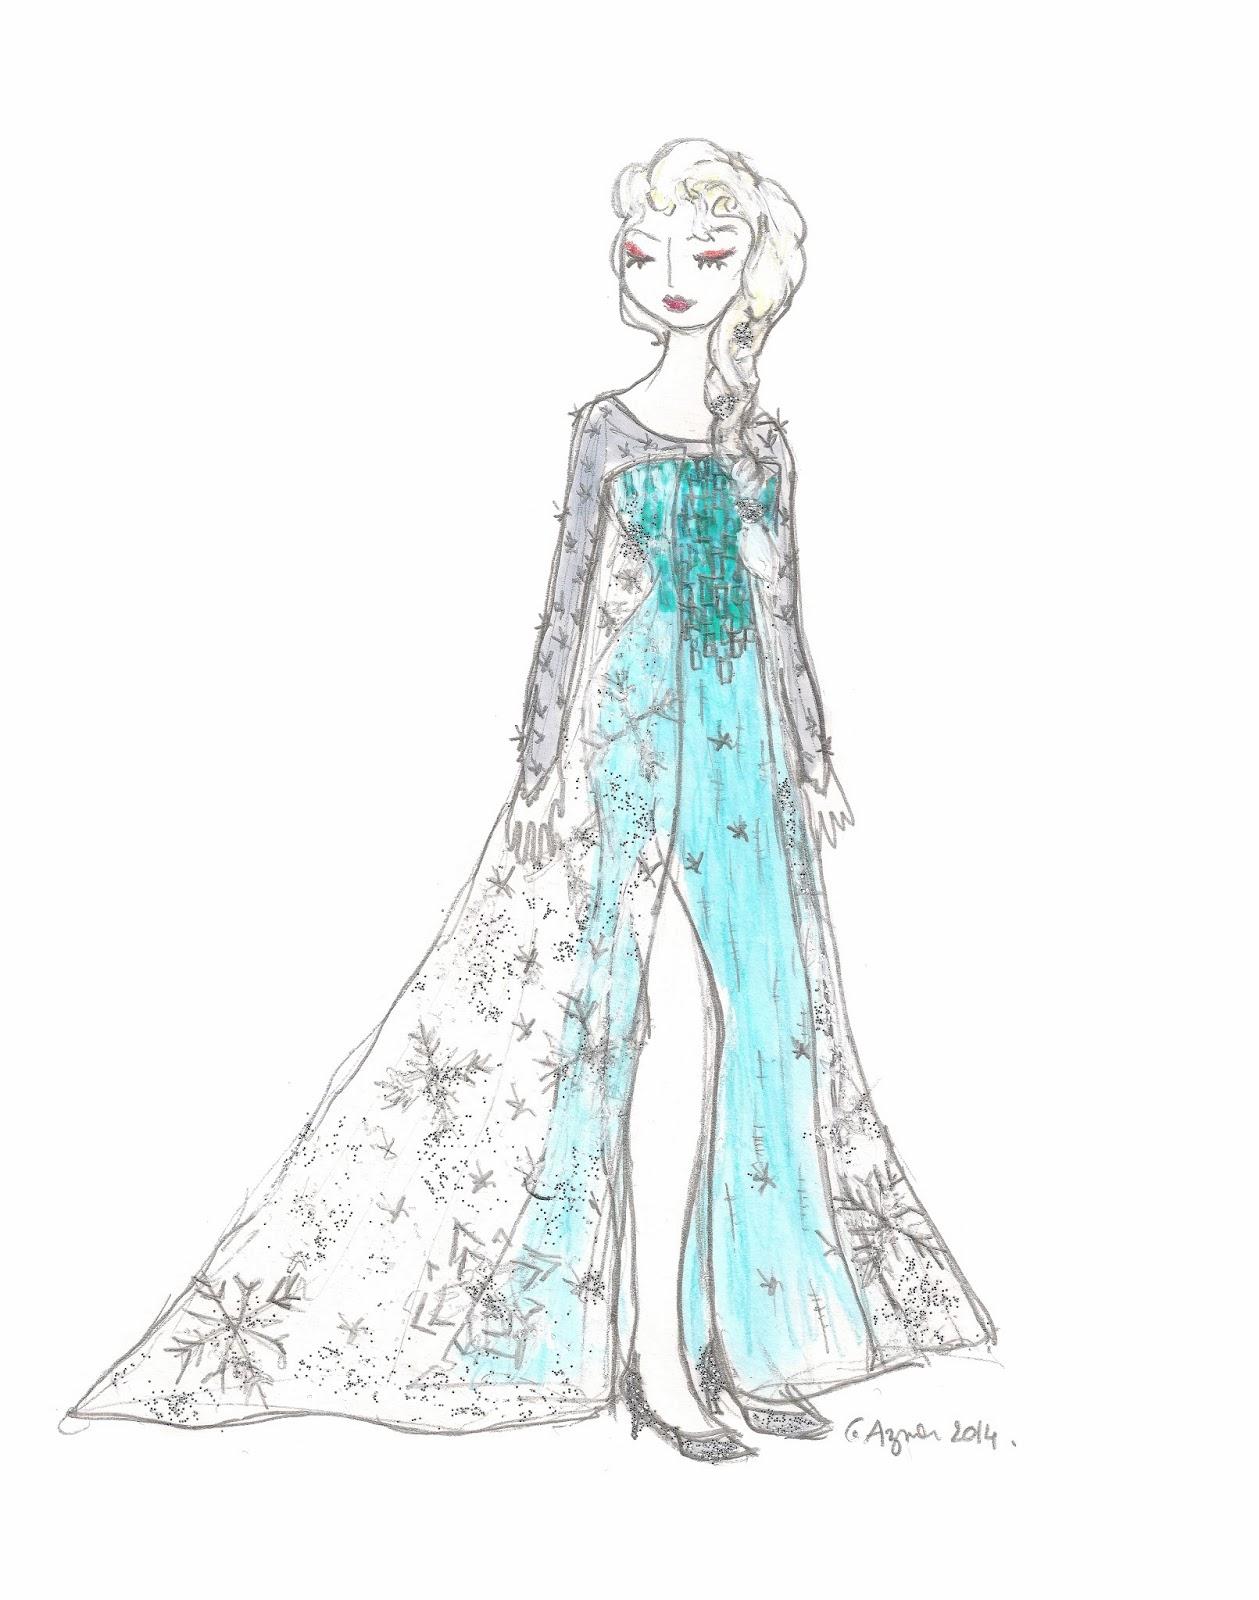 Le blog de gabrielle aznar fan art anna et elsa la reine des neiges carnet de croquis - Anna elsa reine des neiges ...